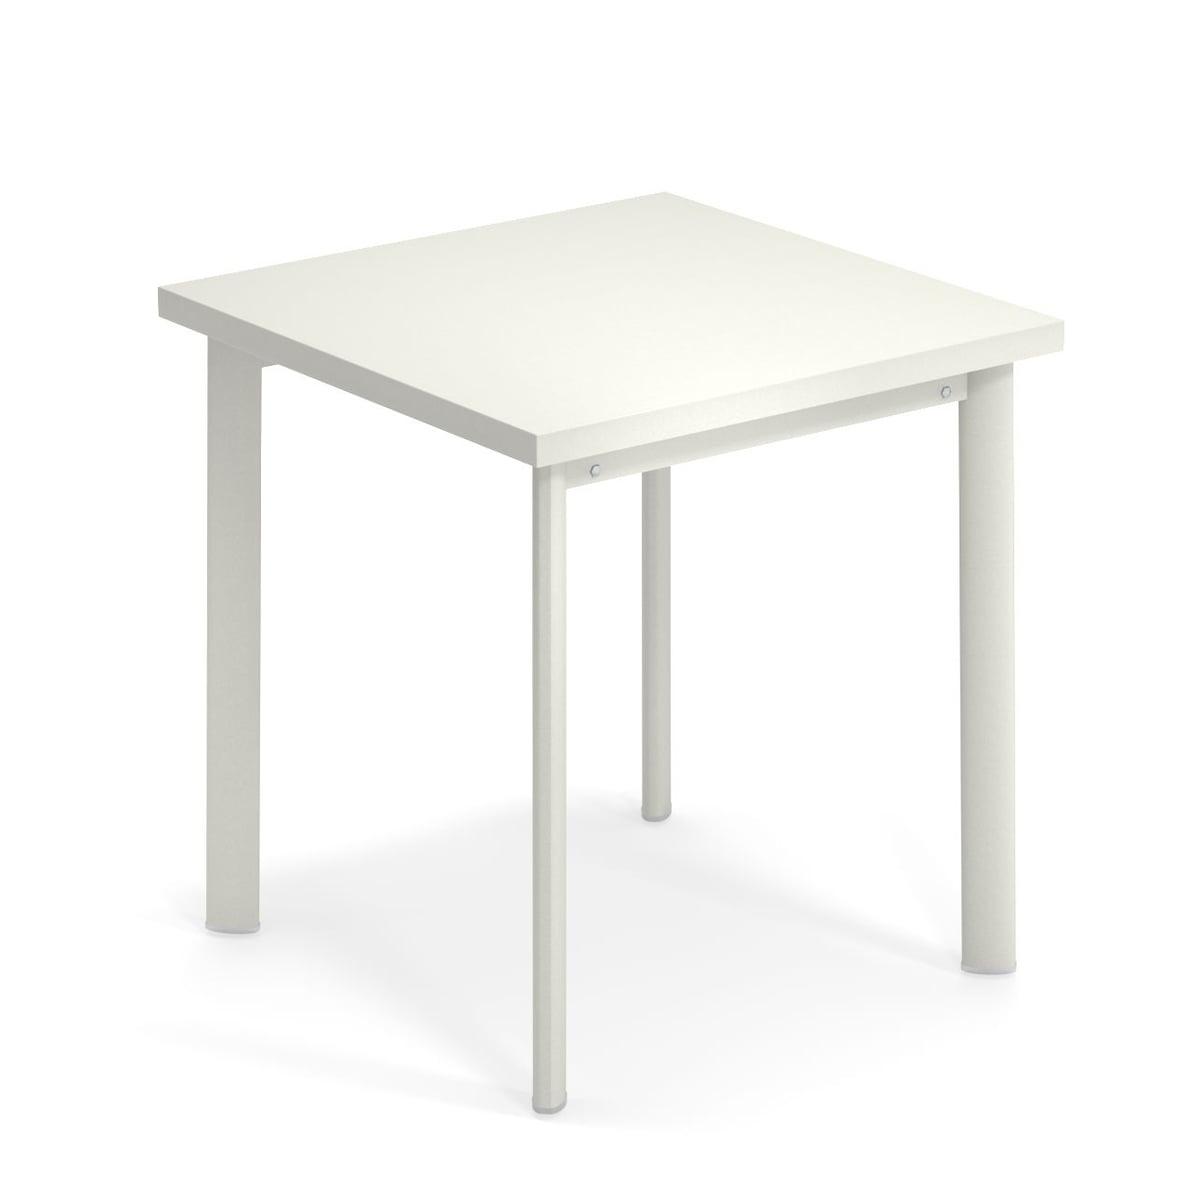 Frã¼Hstã¼Ck Tisch Und Stã¼Hlen — The Fice